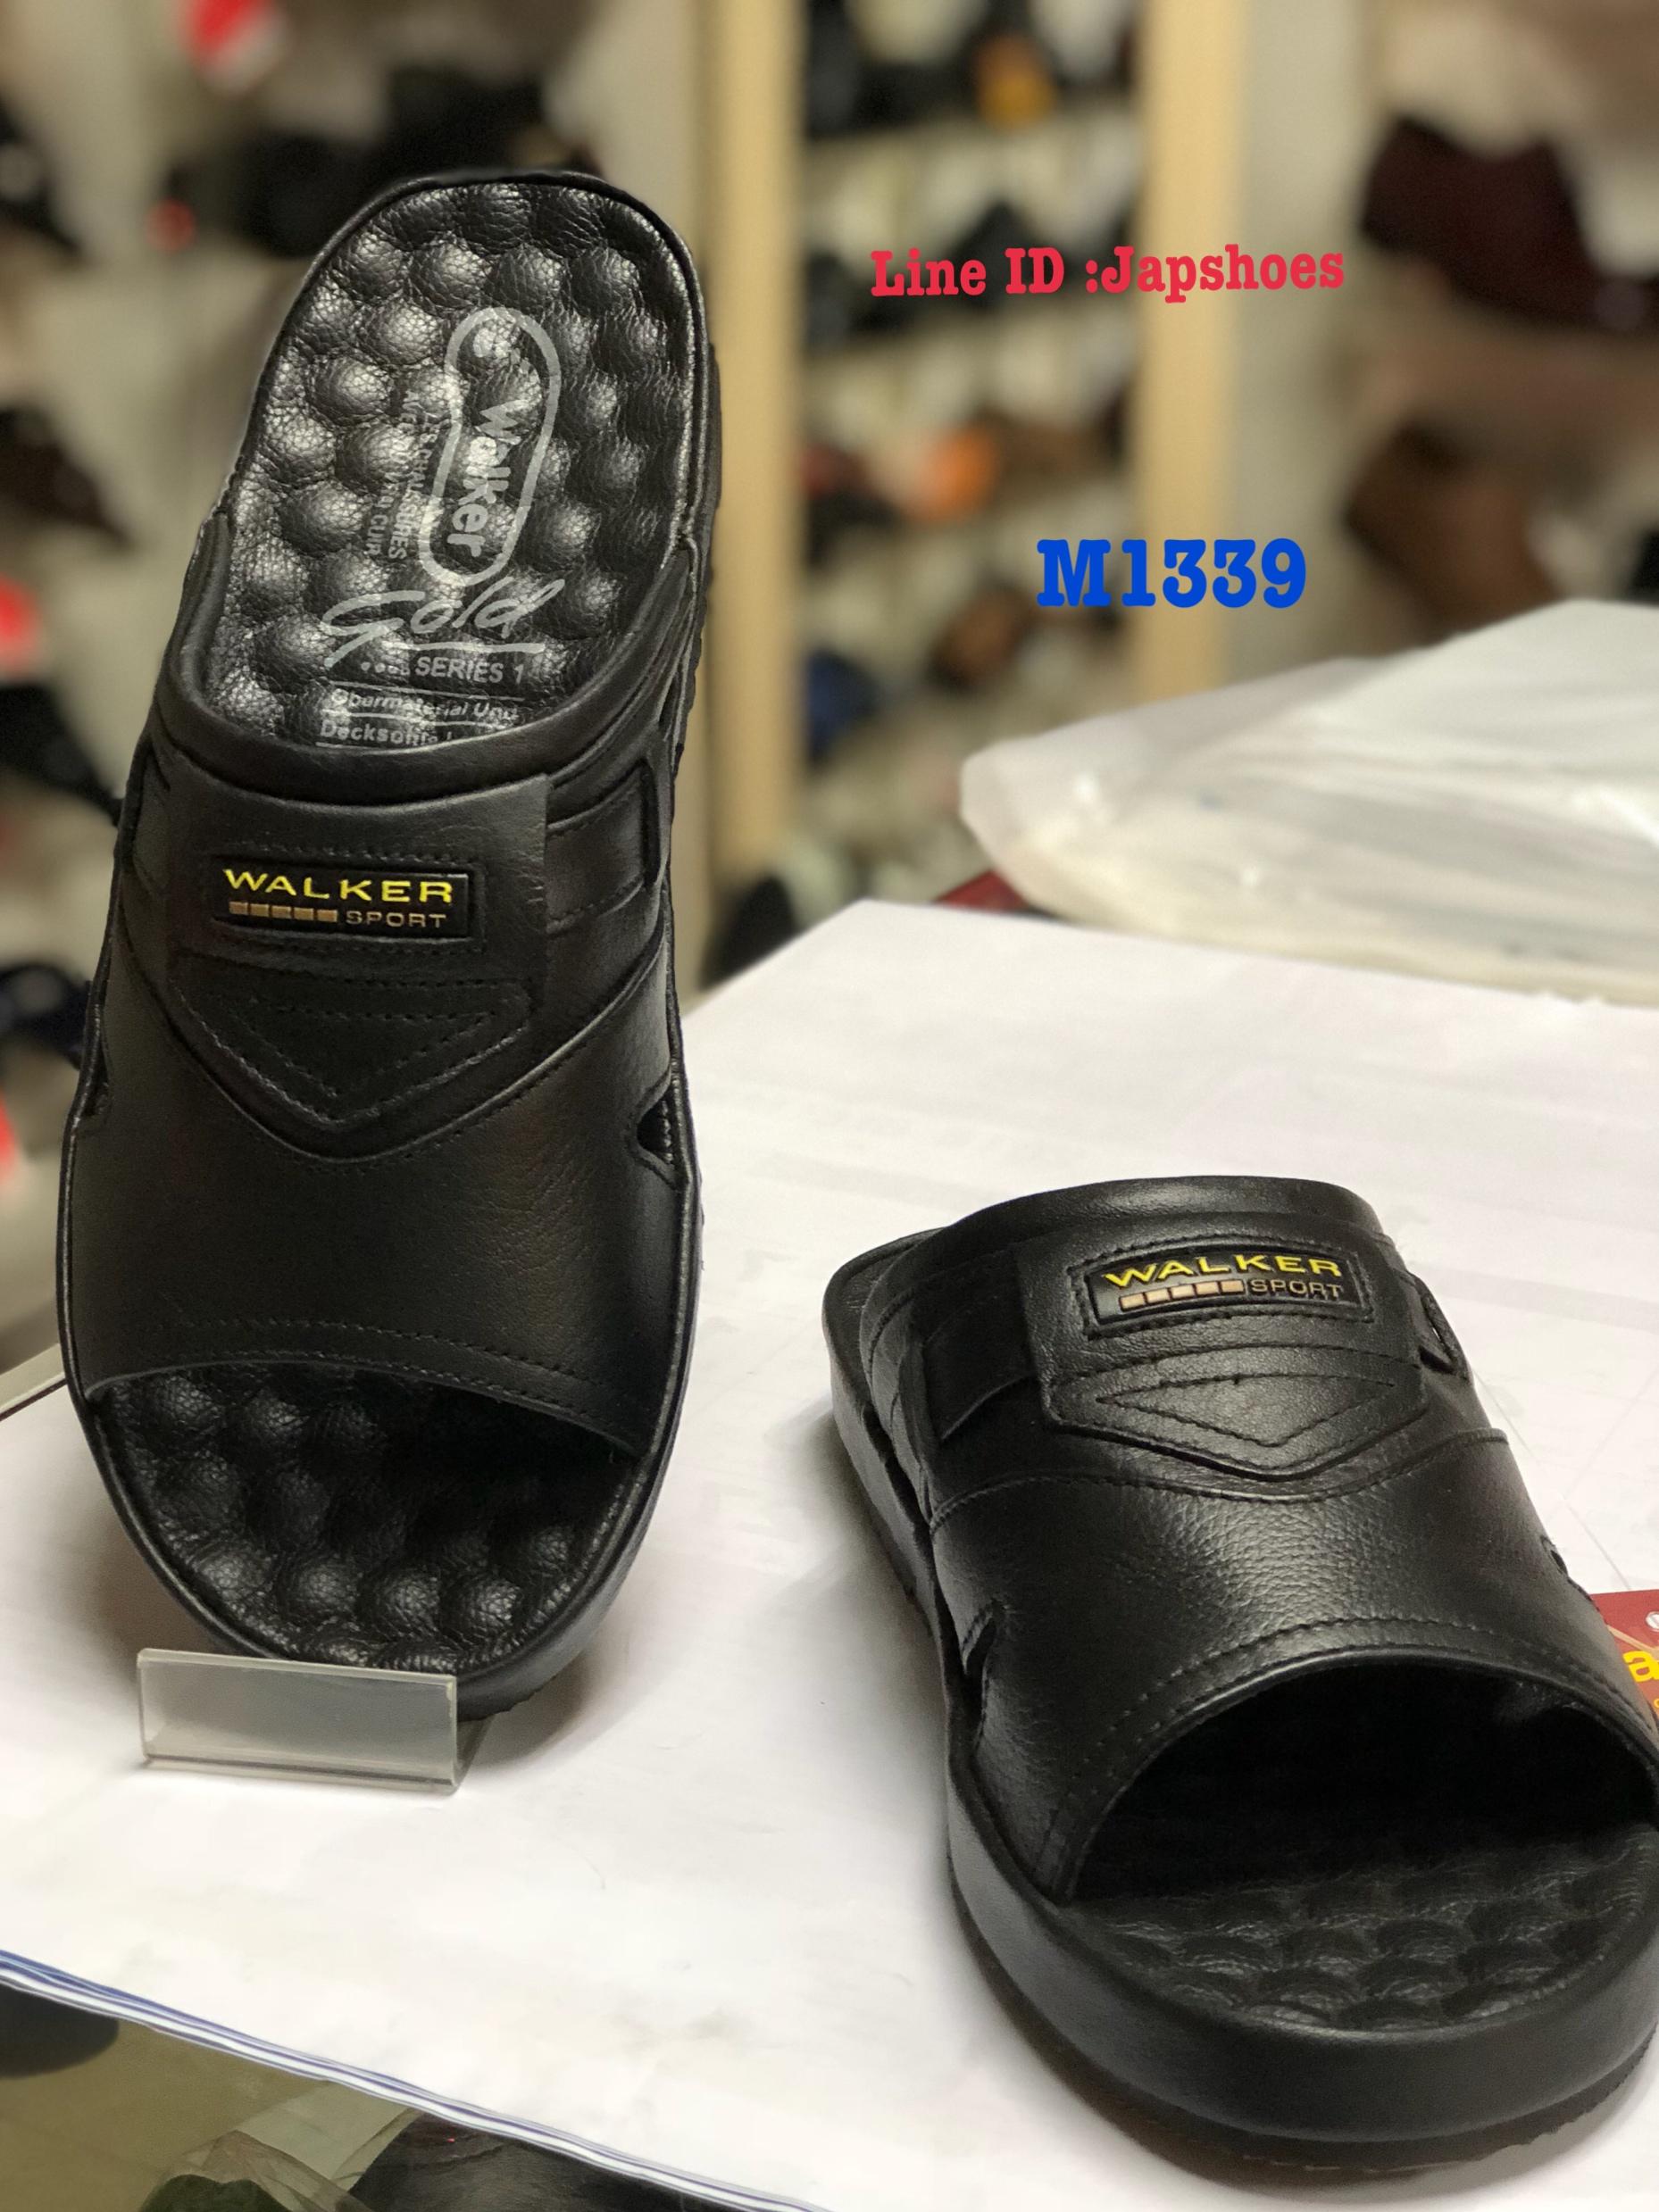 WalkerM1339